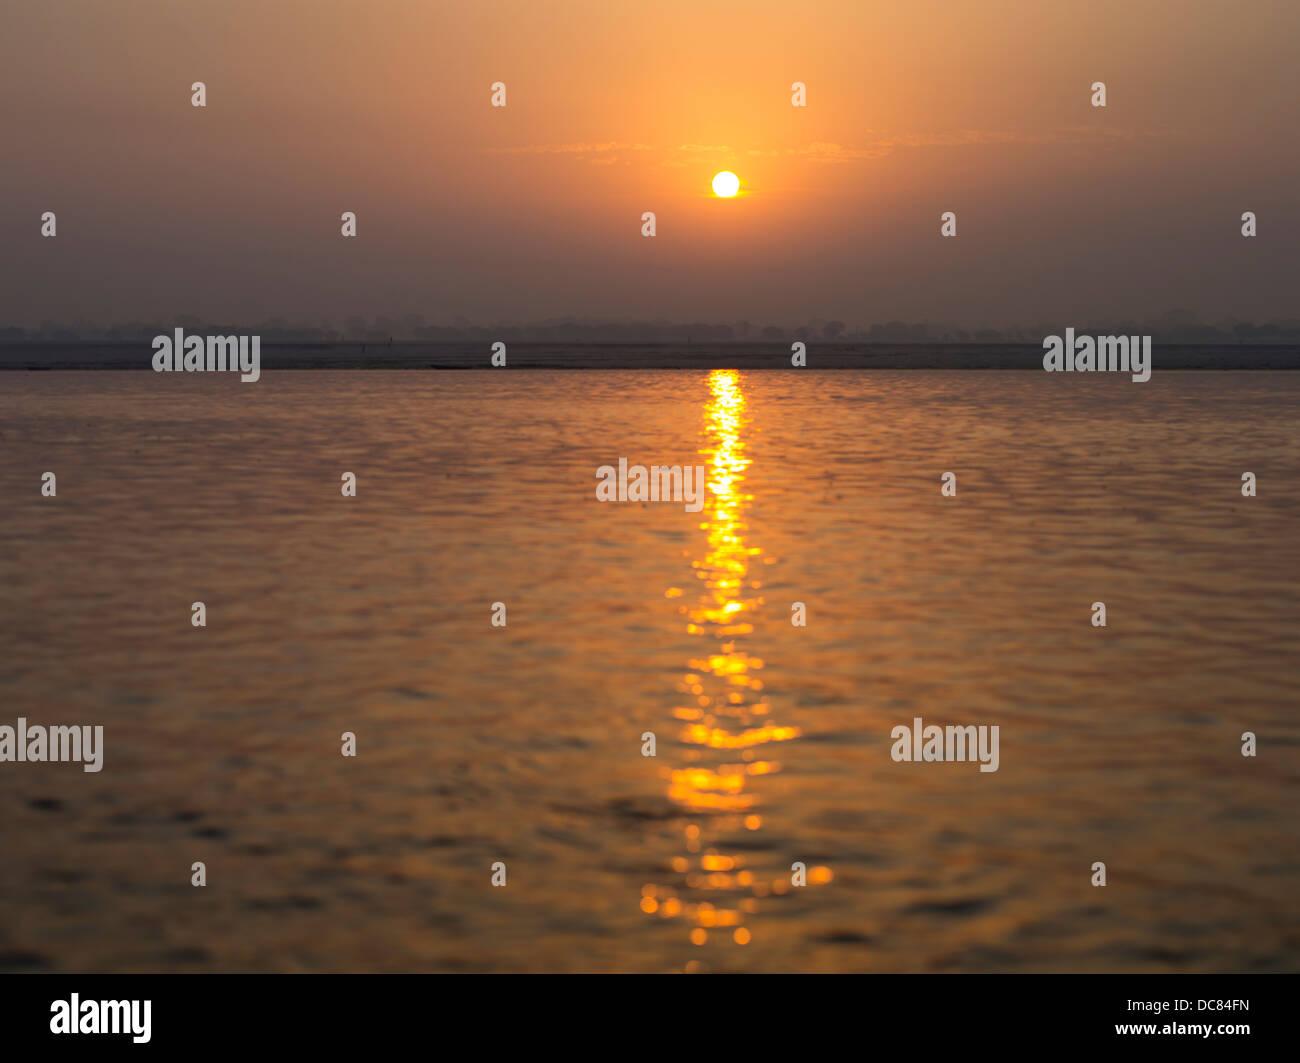 Amanecer en el río Ganges - Varanasi, India Imagen De Stock